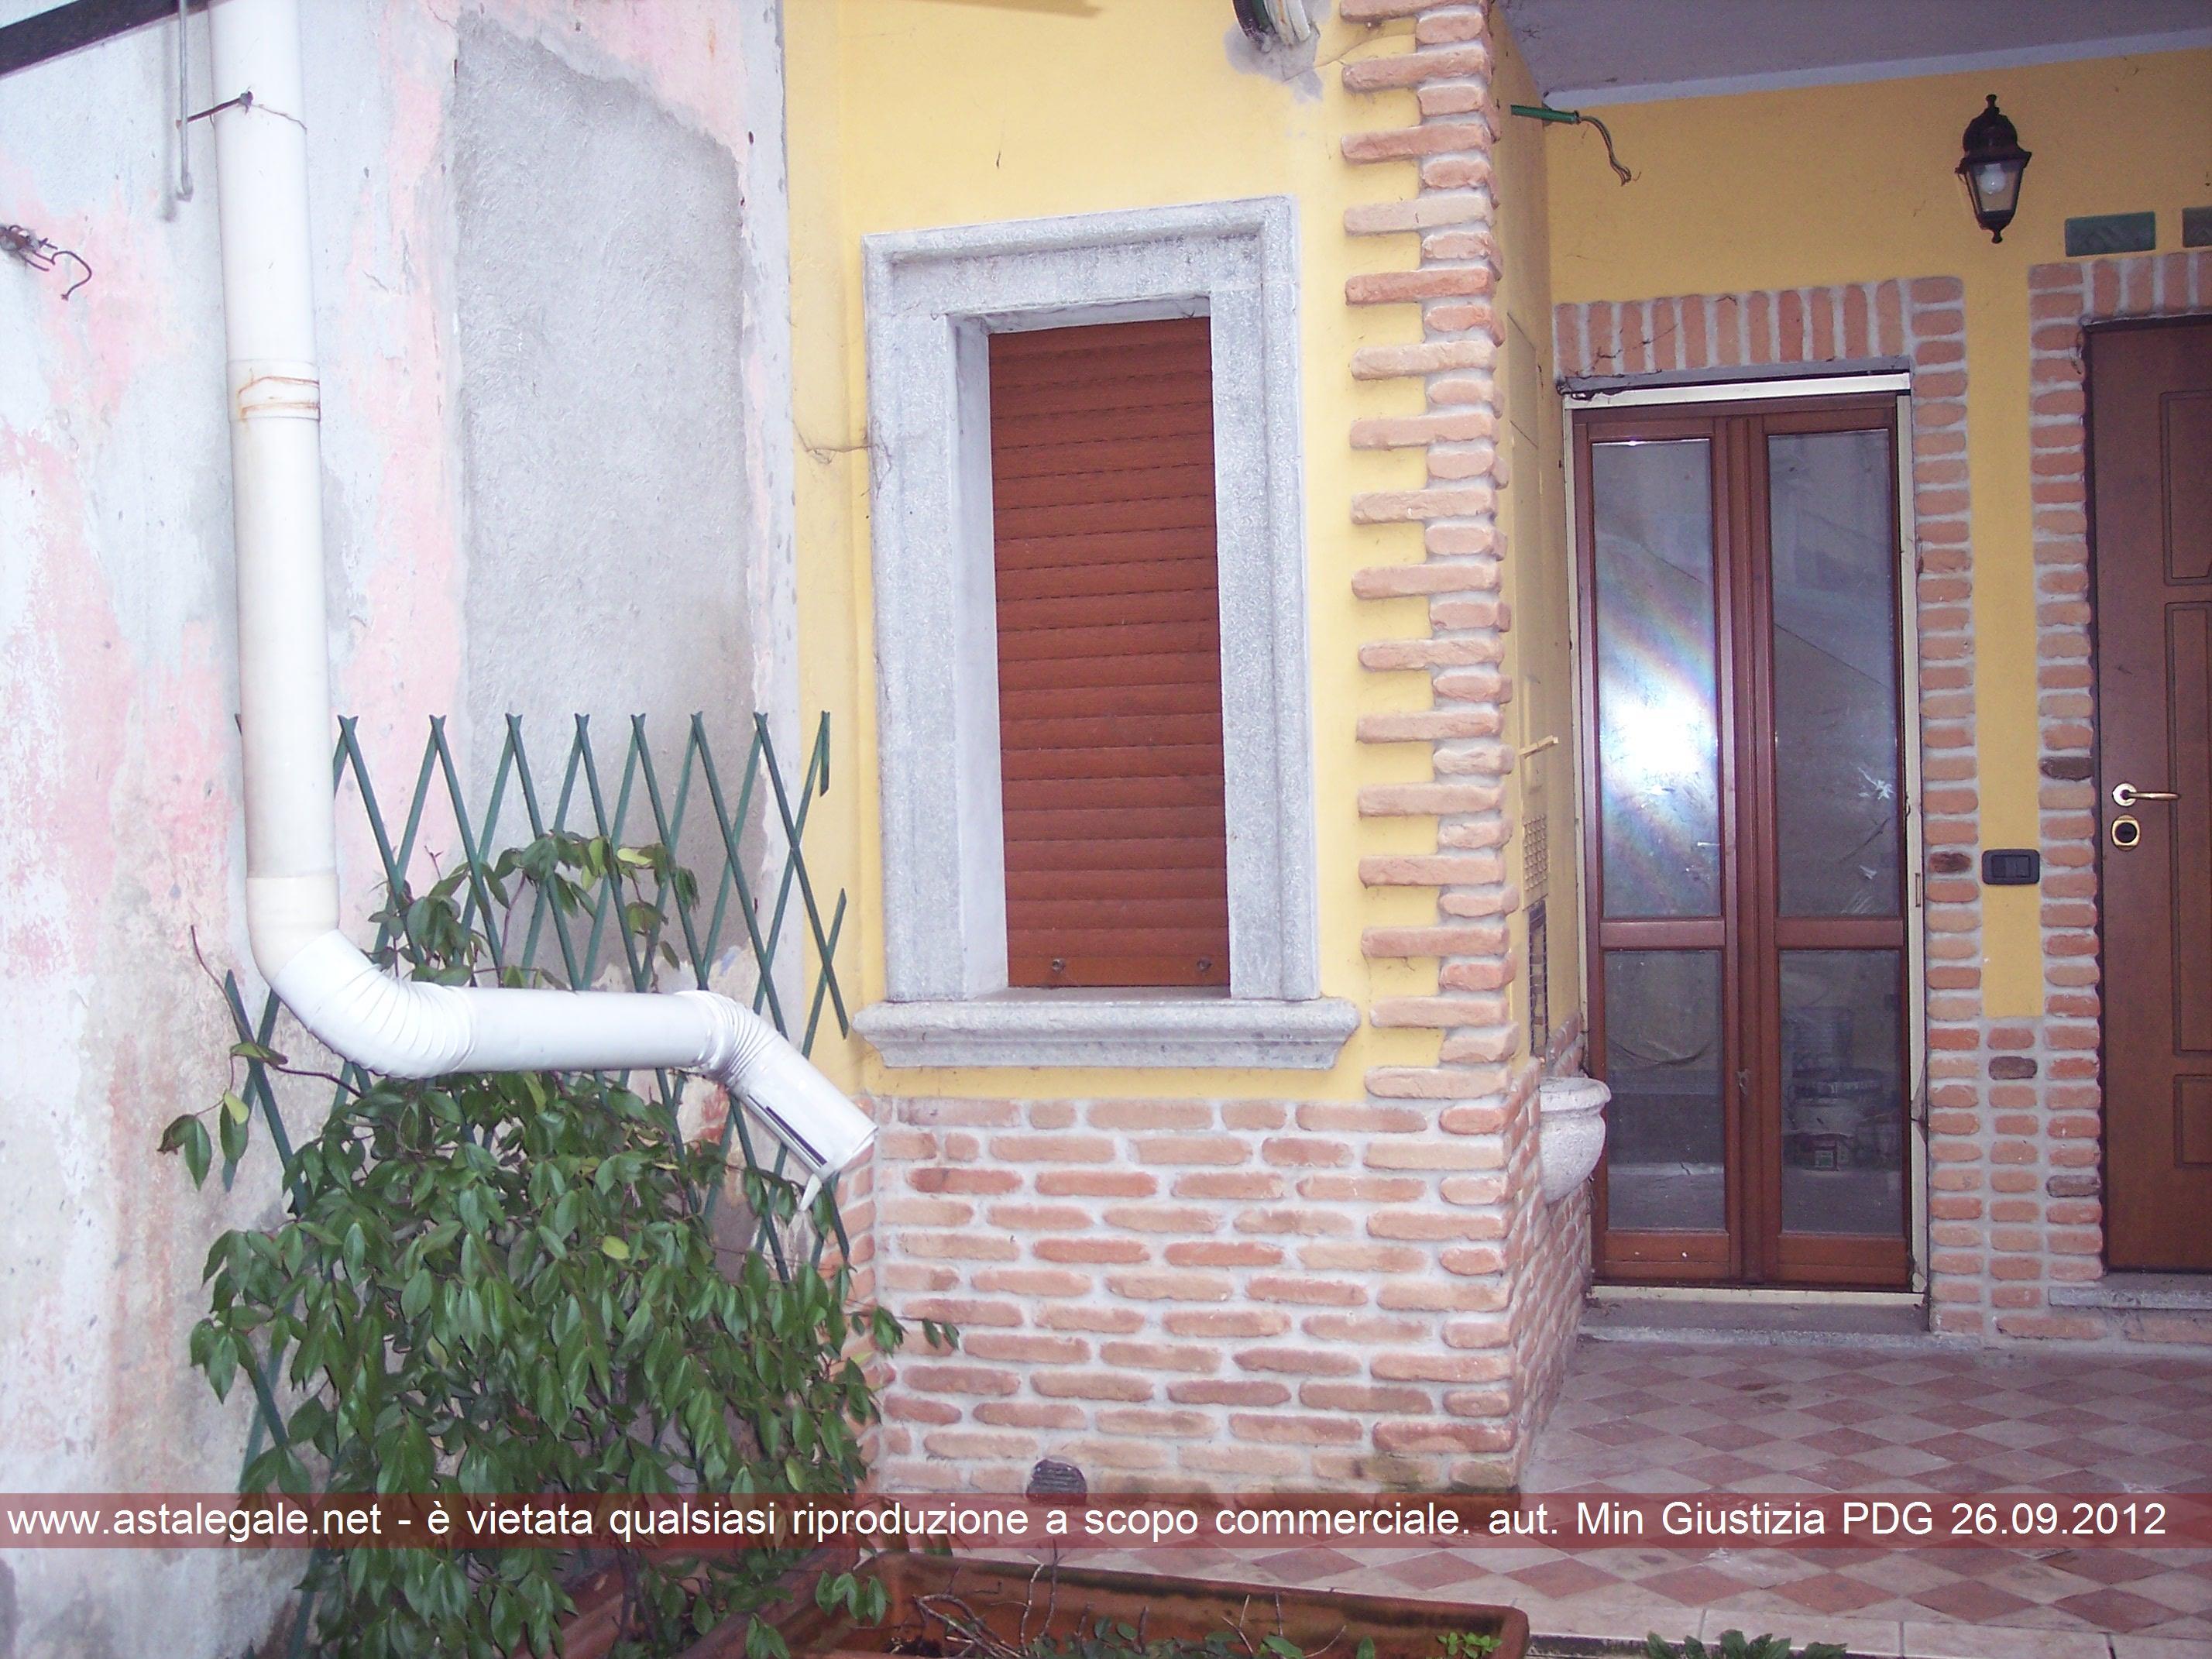 Casalpusterlengo (LO) Frazione Zorlesco-Via Mazzini 26